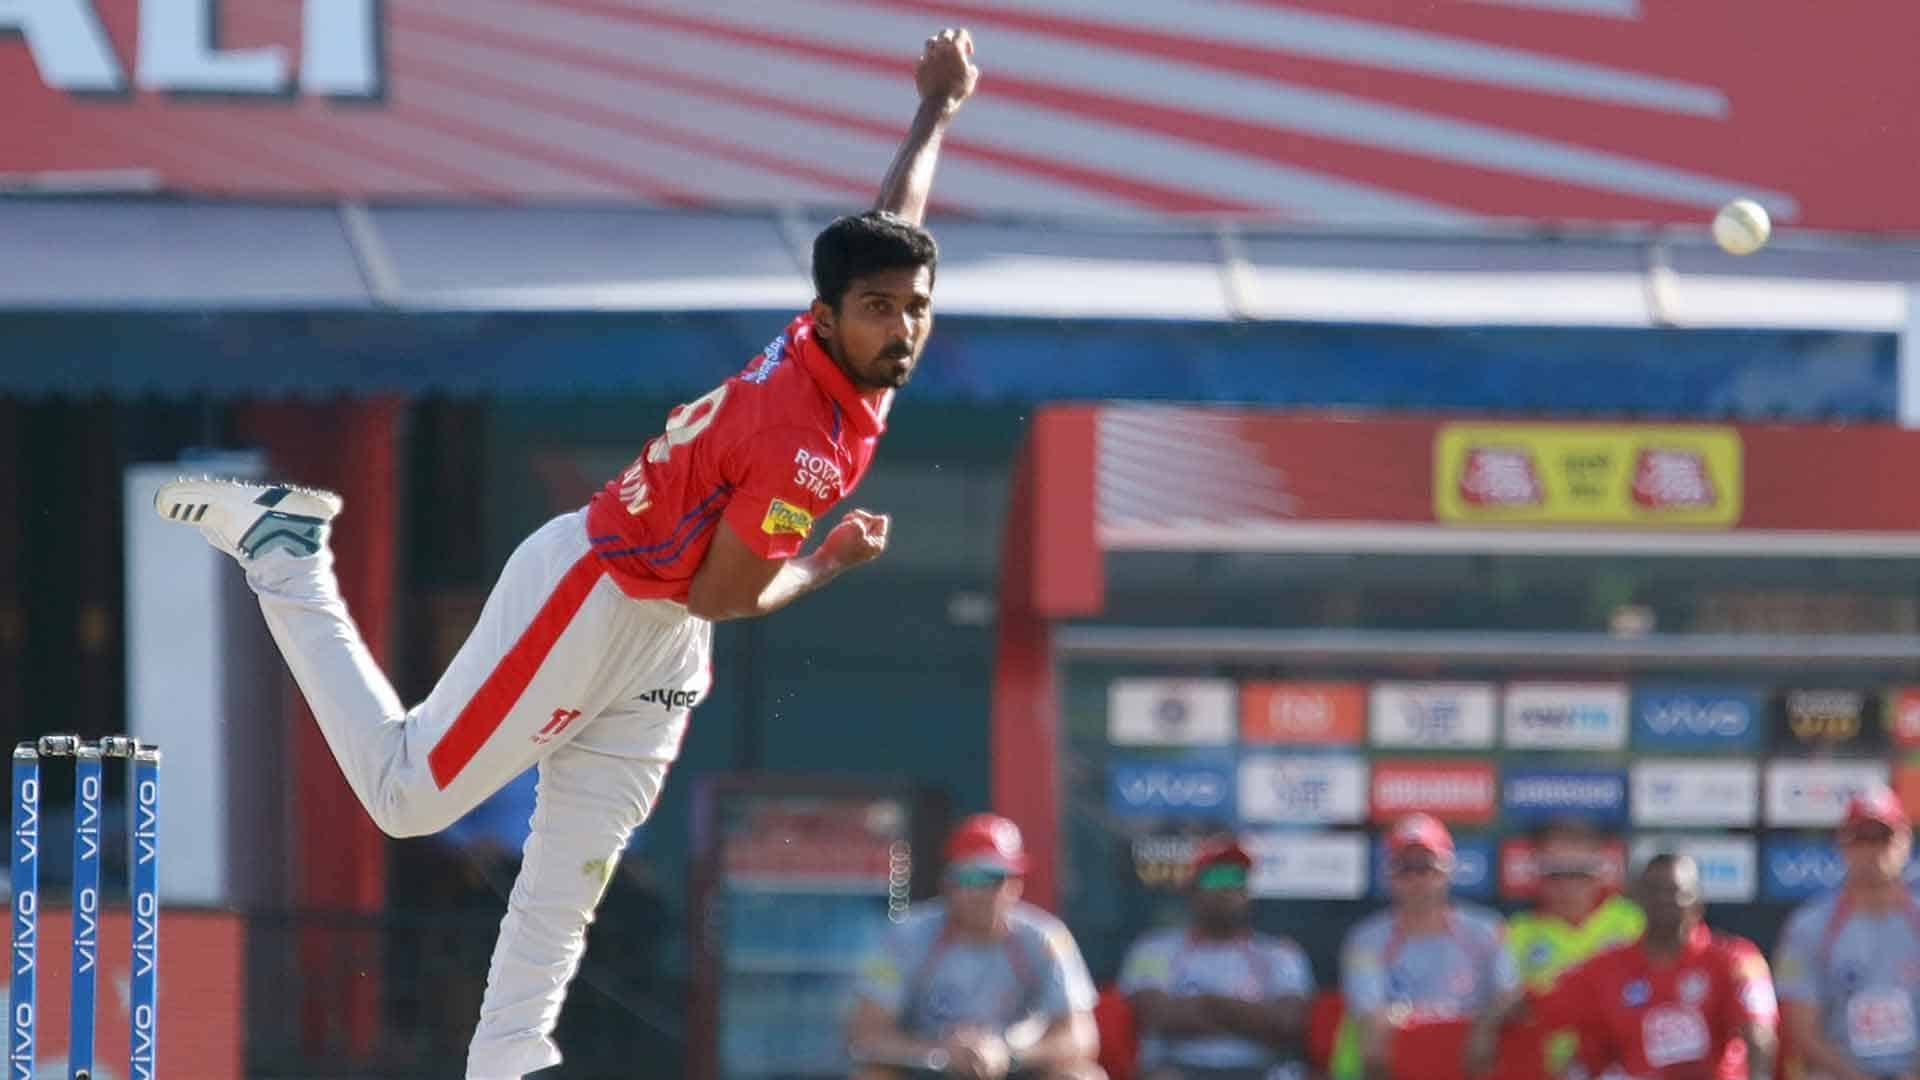 IPL 2021: Predicted Playing XI For Punjab Kings